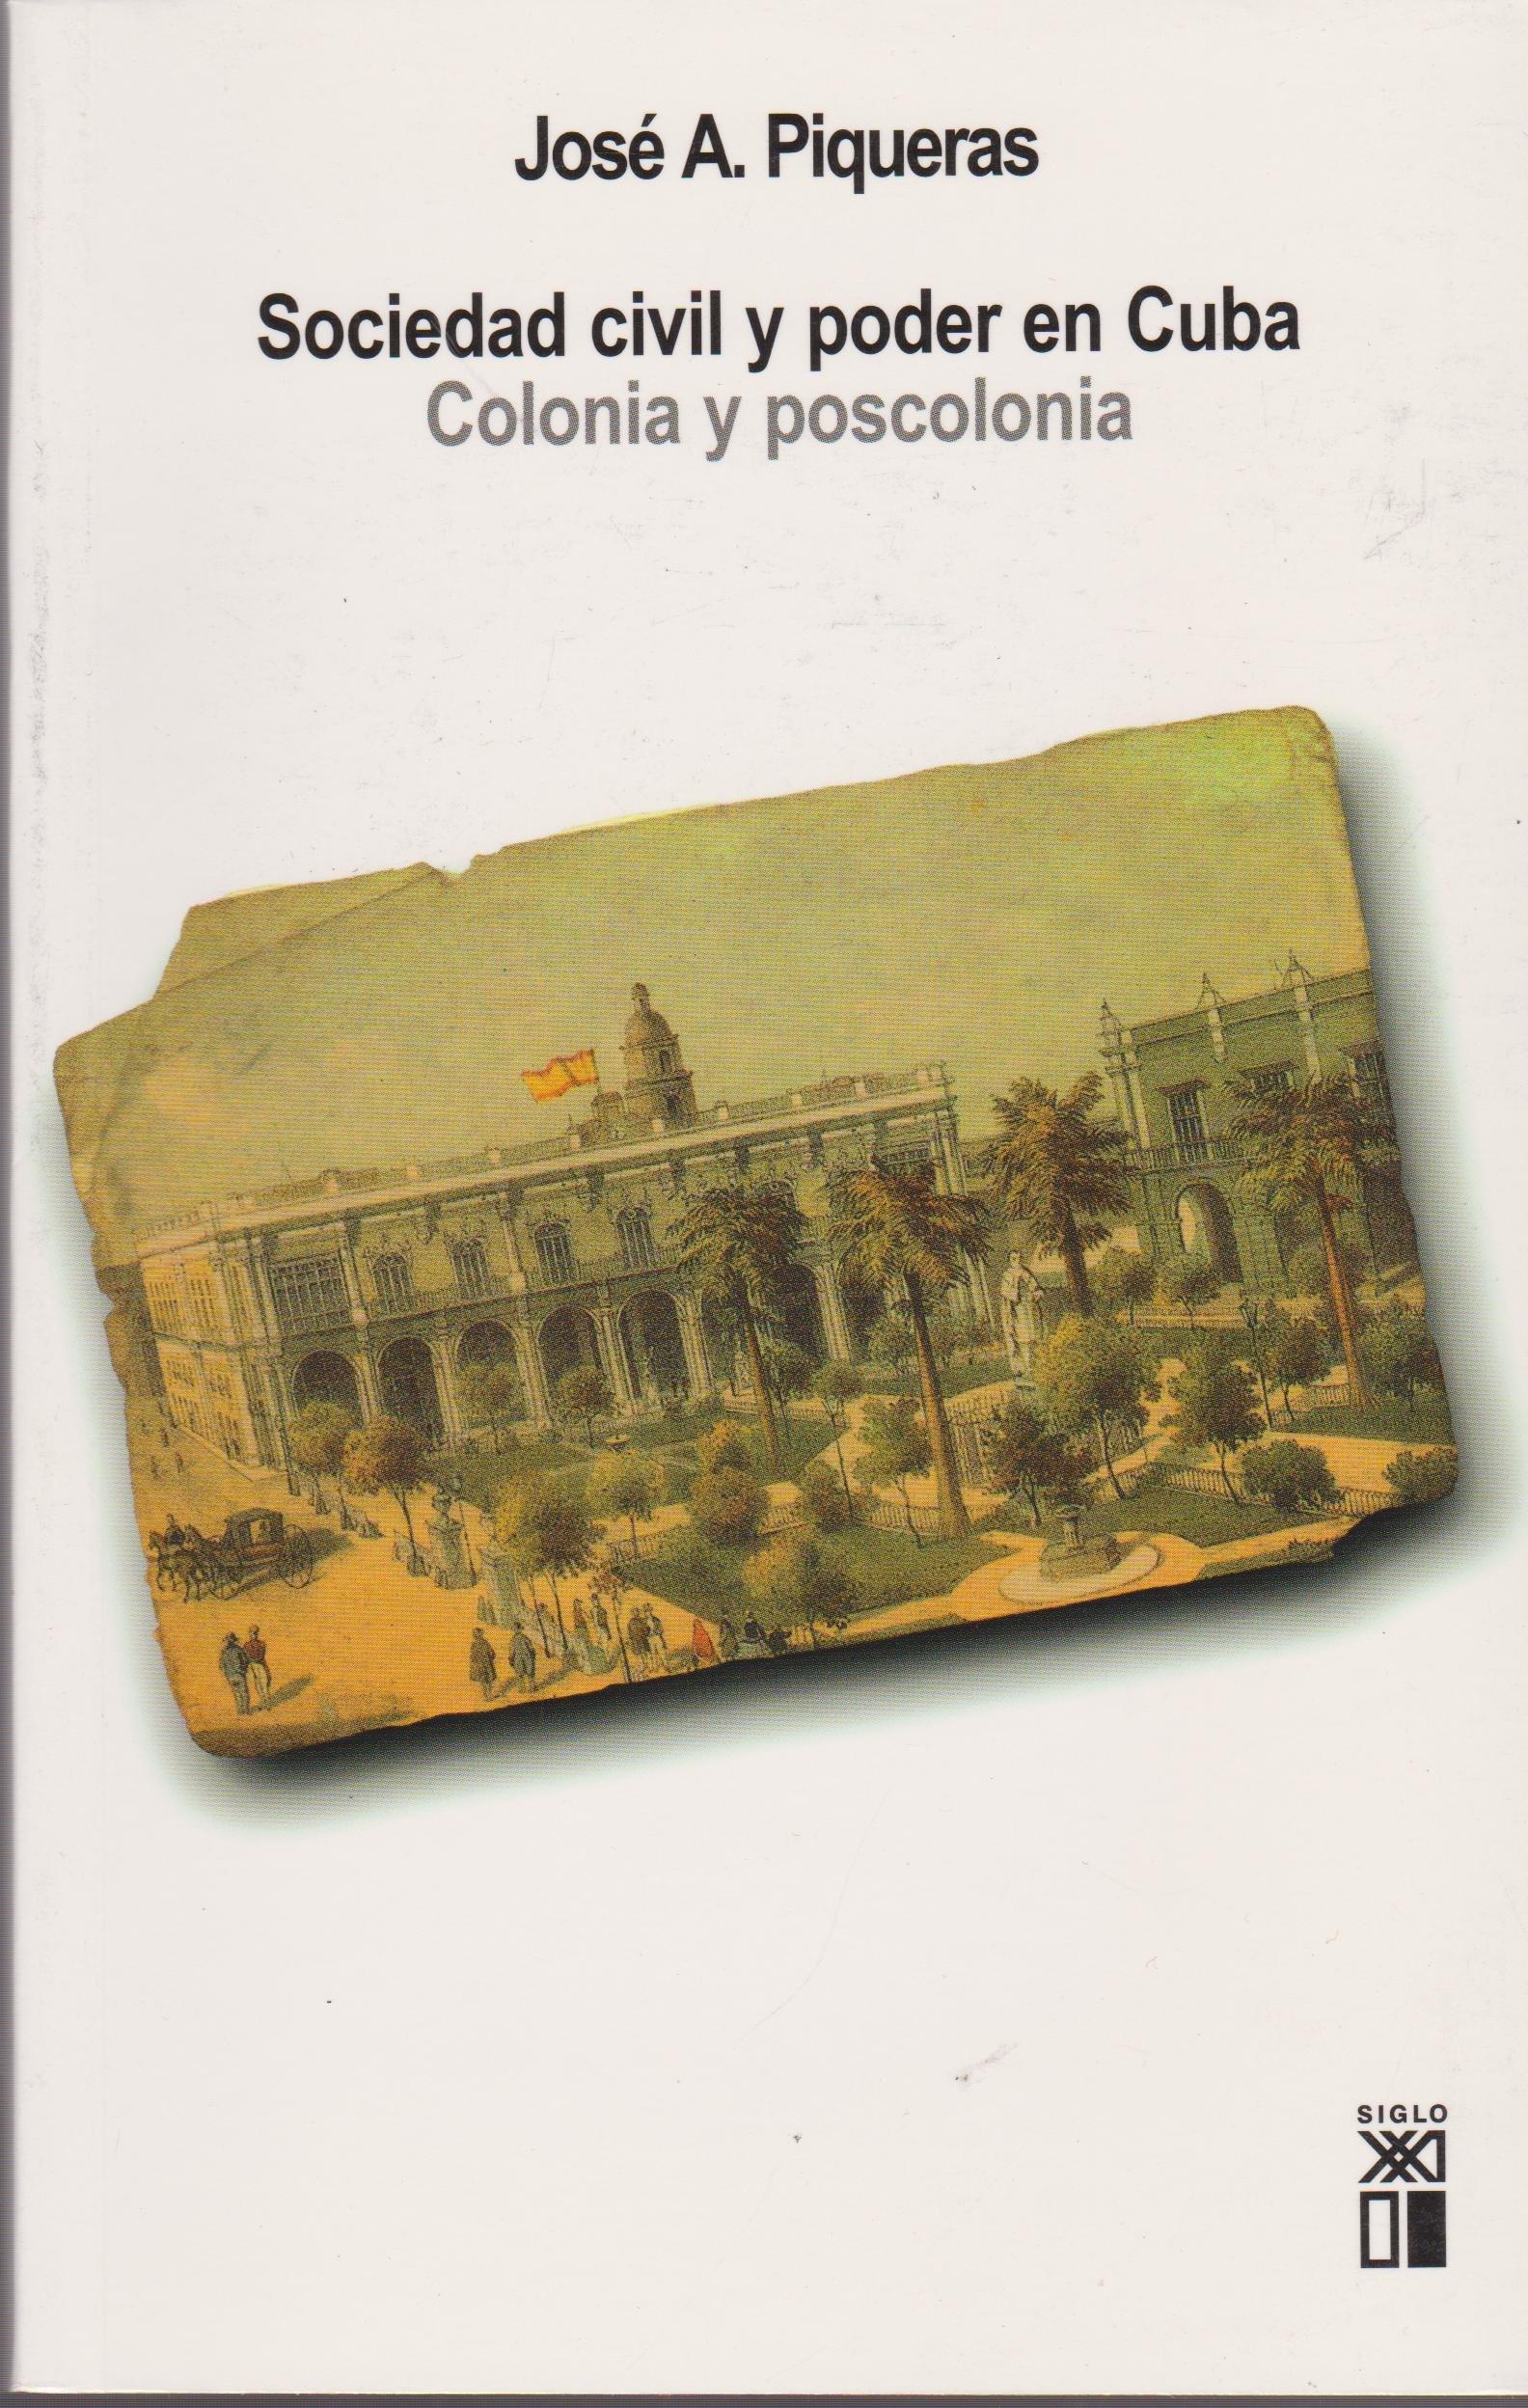 Sociedad civil y poder en Cuba. Colonia y poscolonia (Spanish Edition): J.A. Piqueras: 9788432312311: Amazon.com: Books